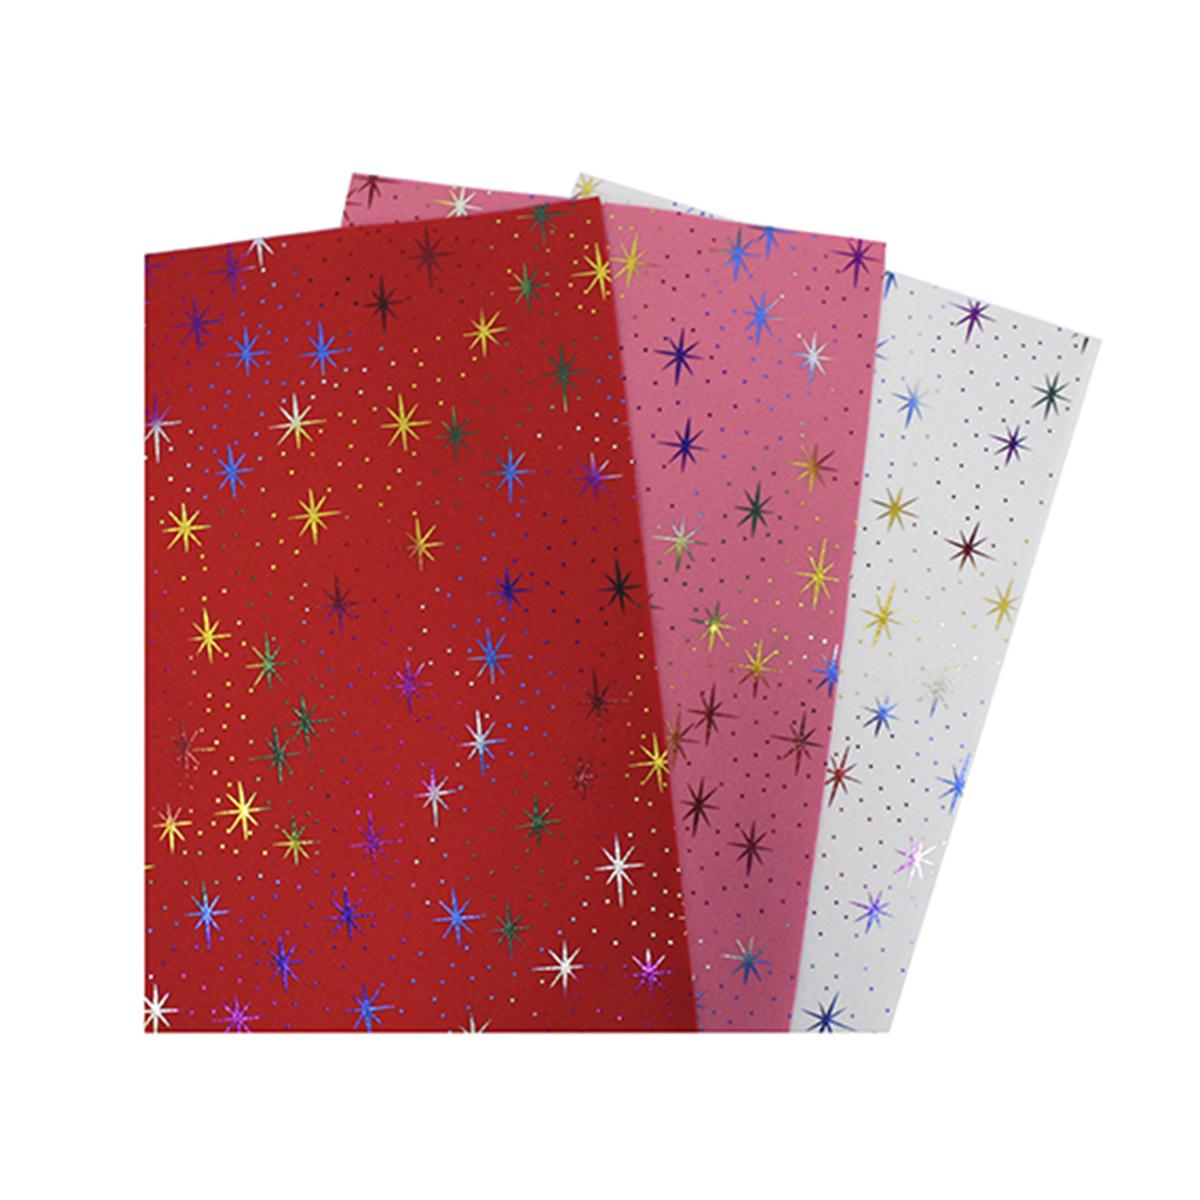 Фетр листовой декоративный Астра Звезды, 20 х 30 см, 3 шт фетр листовой декоративный астра божьи коровки 20 х 30 см 3 шт